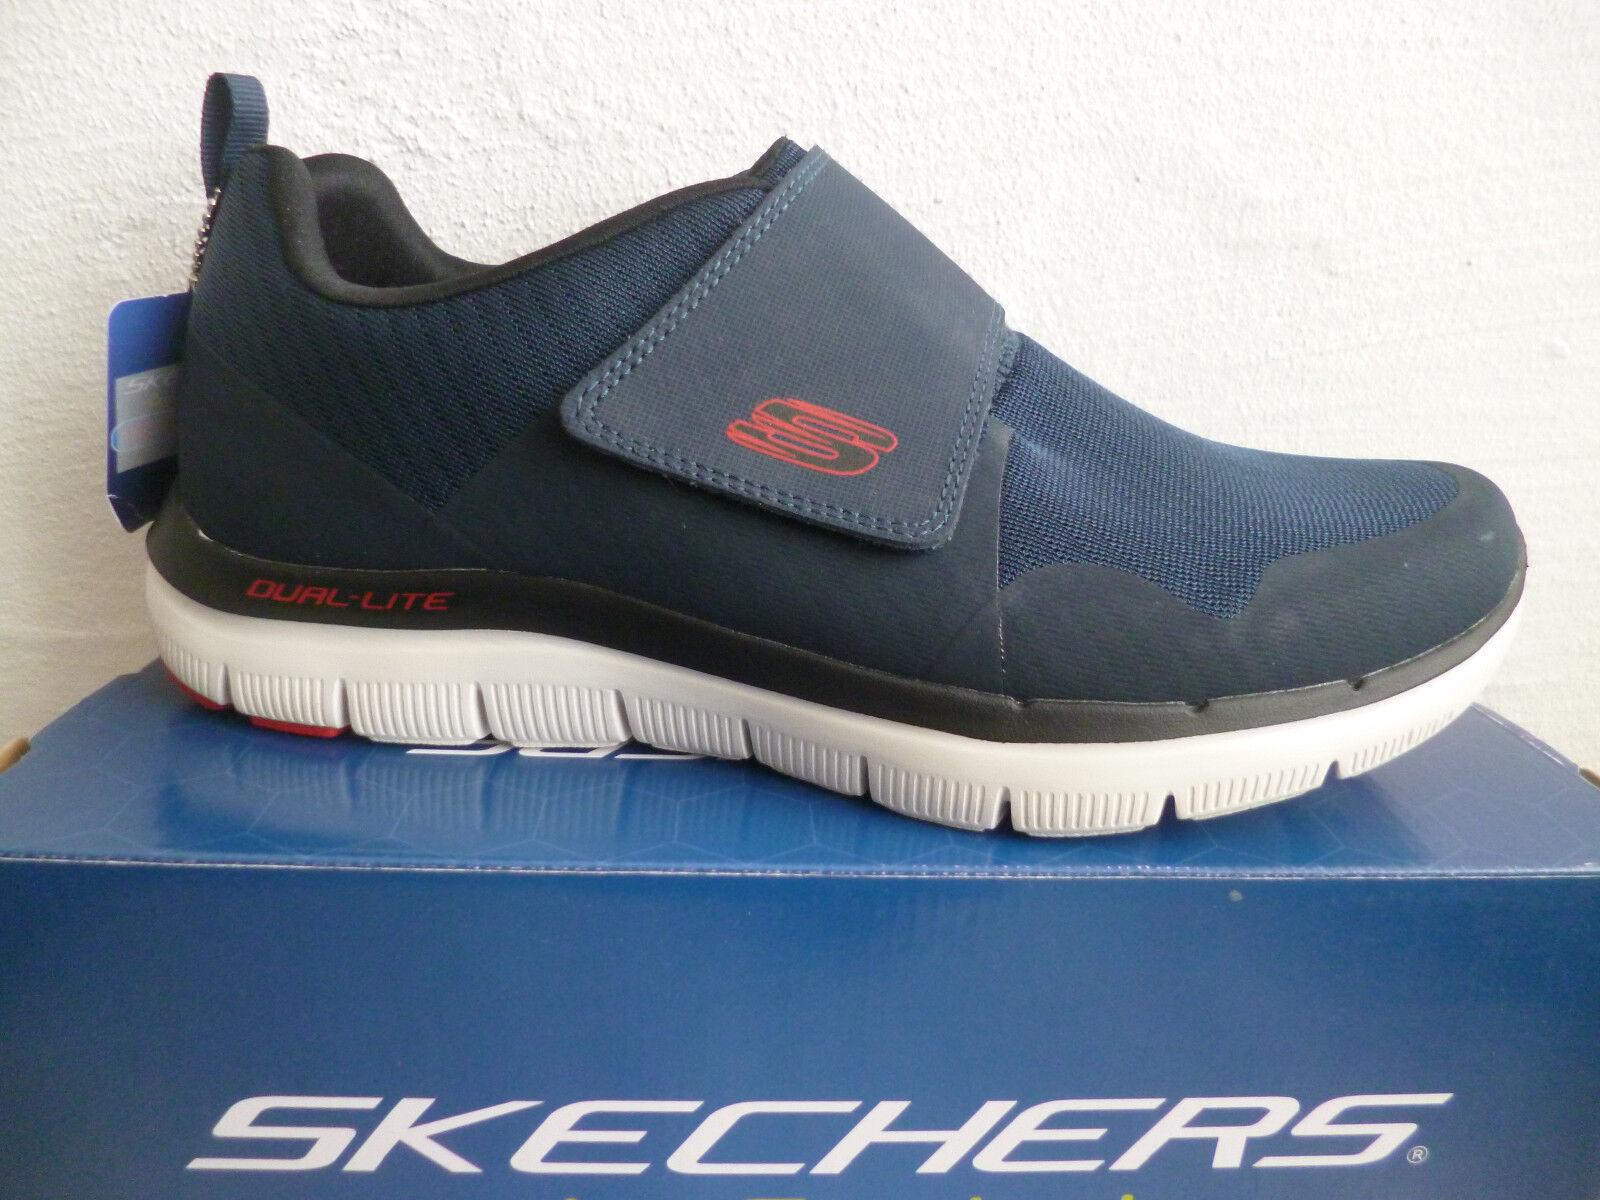 Skechers Zapatillas de Hombre Deporte Cierre Adhesivo Azul 52183 Nuevo